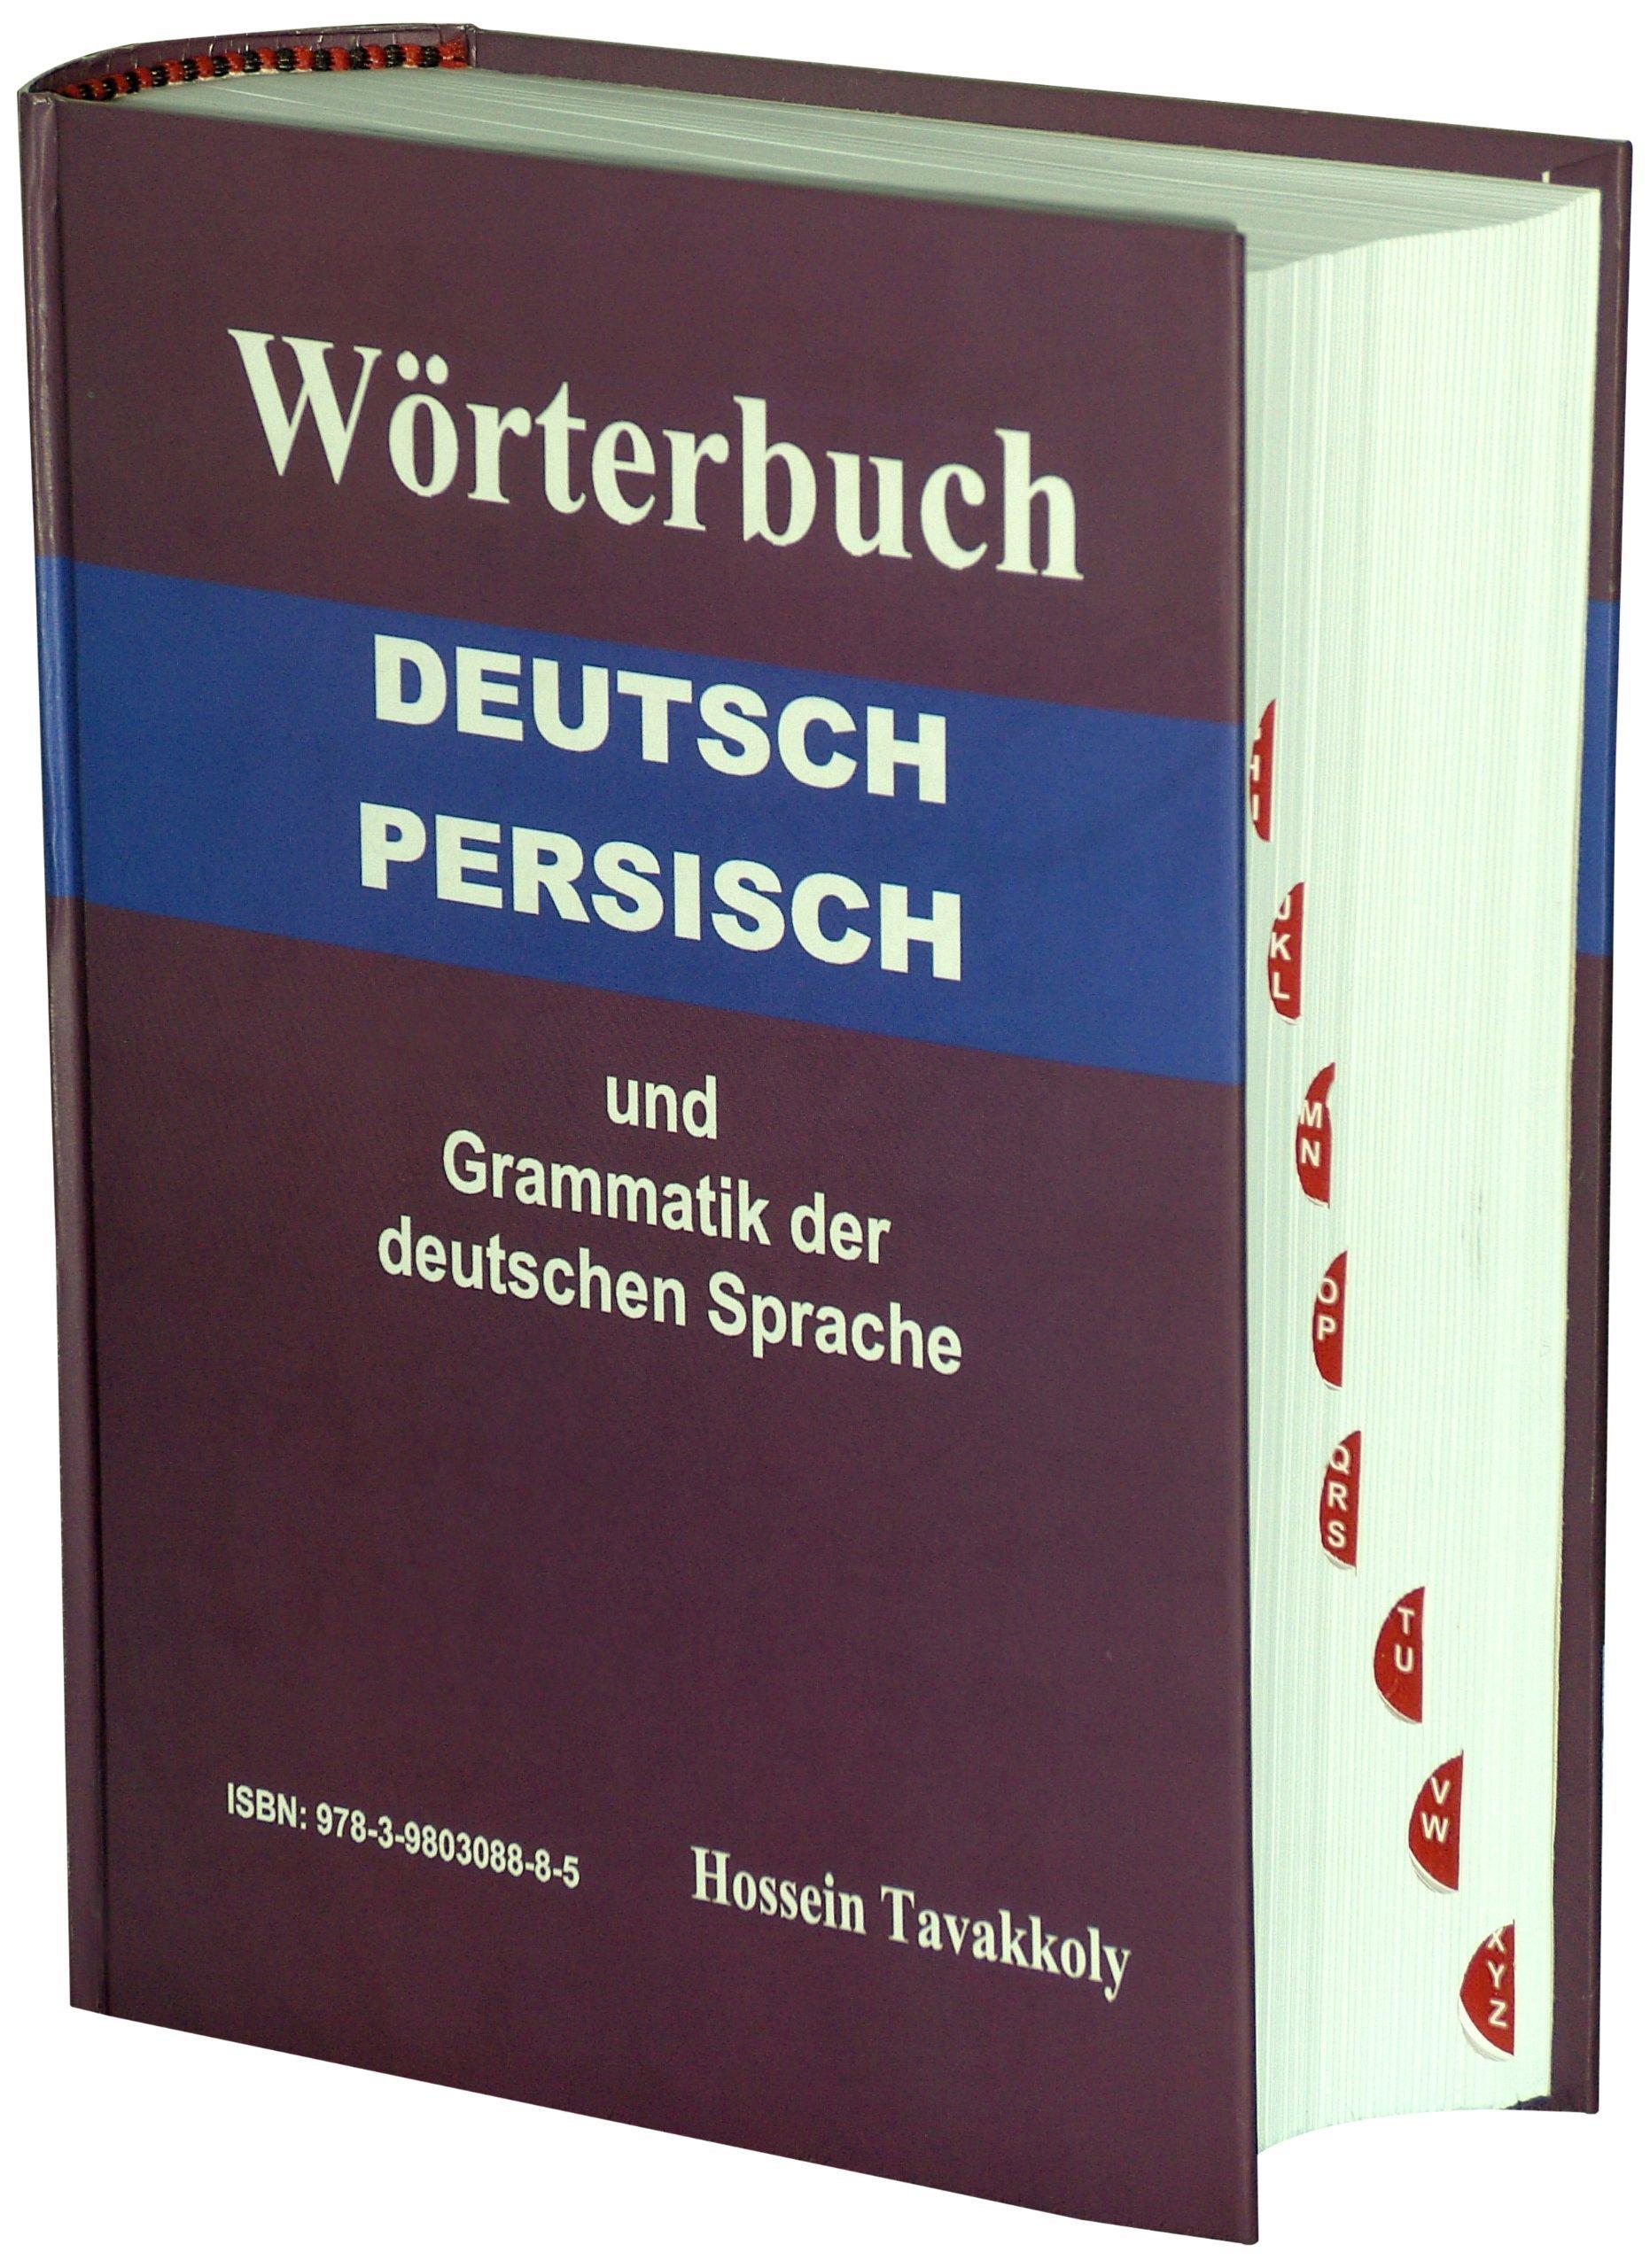 Deutsch Persisches Wörterbuch Und Grammatik Der Deutschen Sprache